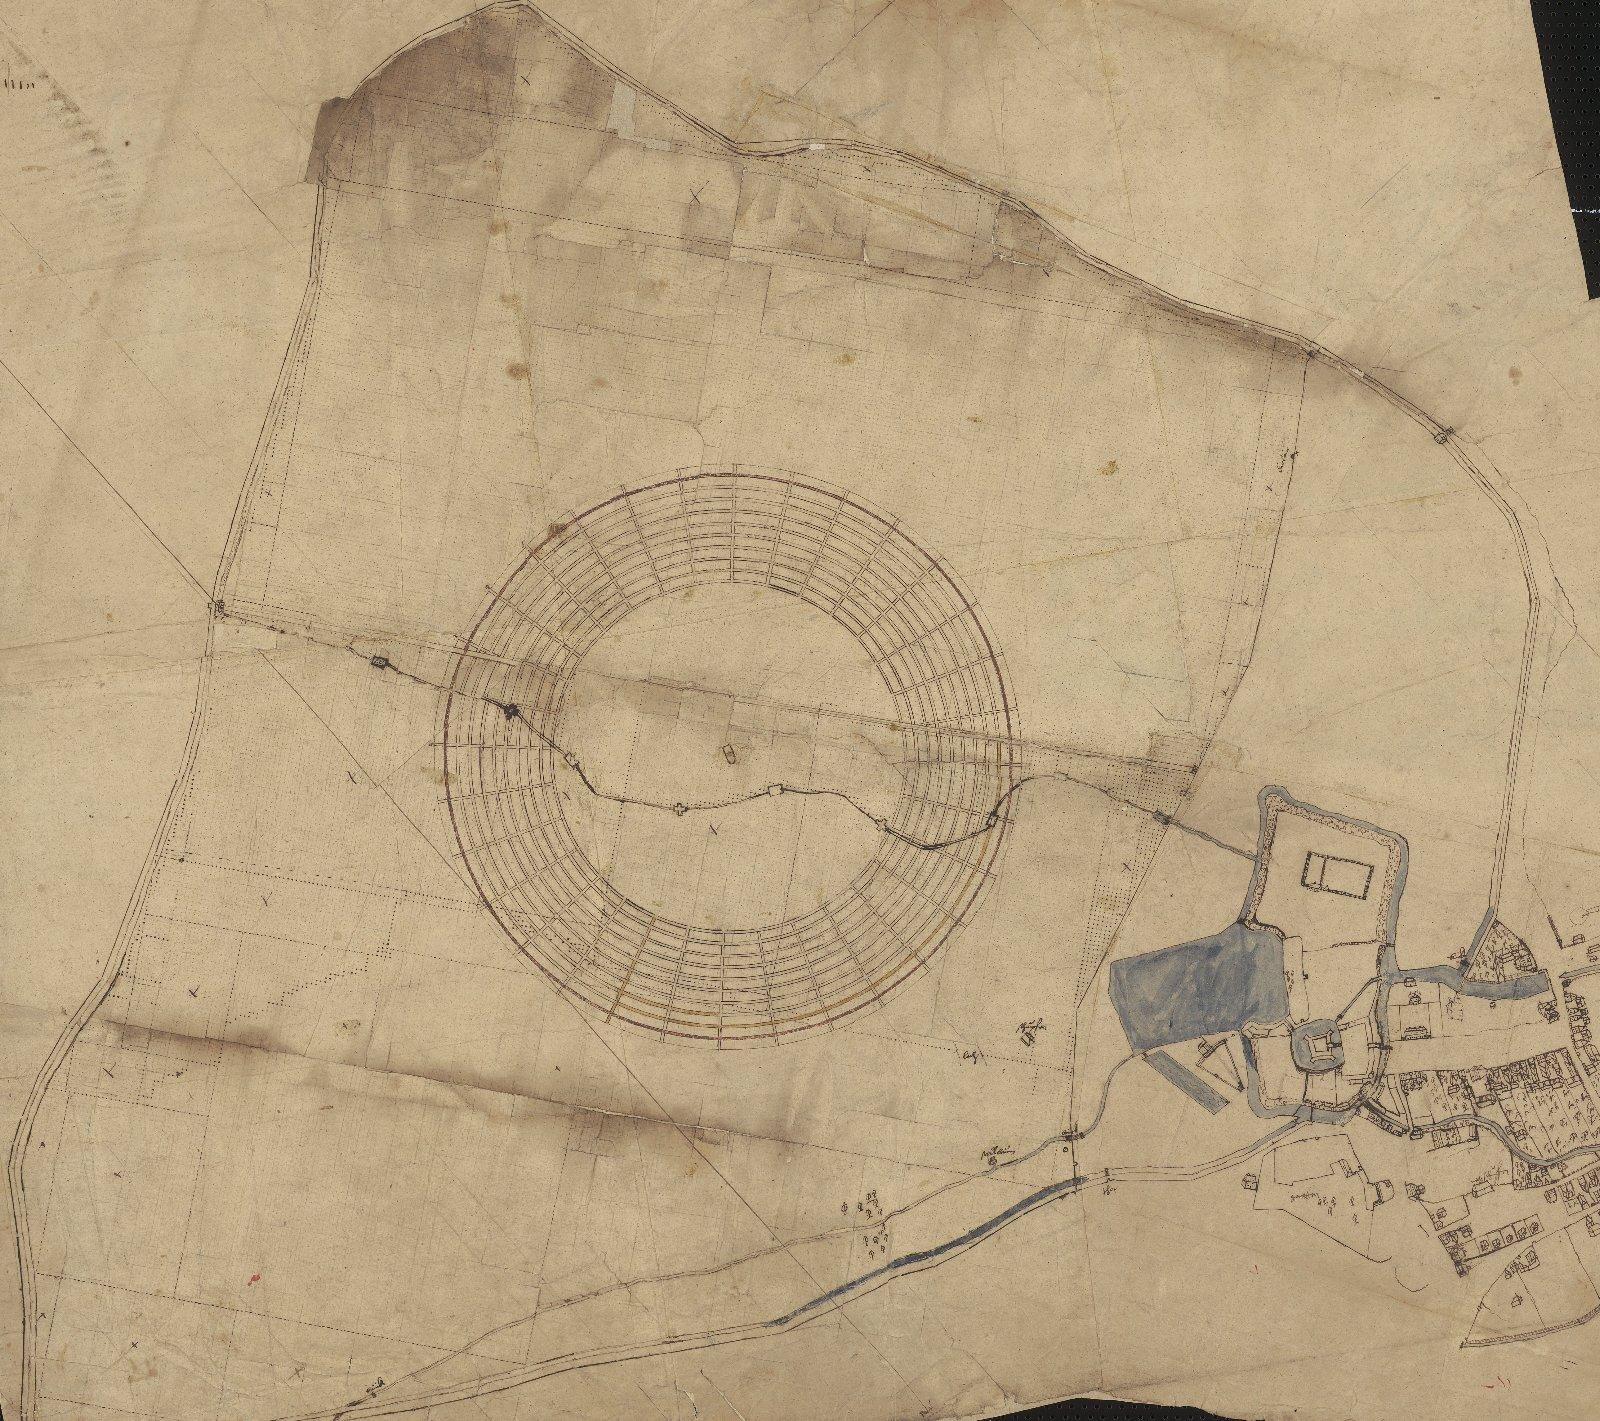 Alter Plan des Ortes und des Schlosses Annaburg und der 1578 zu Anlegung einer Baumschule geschlagenen kreisrunden Rodung von 1600 Ellen im Durchmesser, welche mit zahlreichen Fischbehältern besetzt war (12884 Karten und Risse, Schrank 5, Fach 68,Nr.9dd),